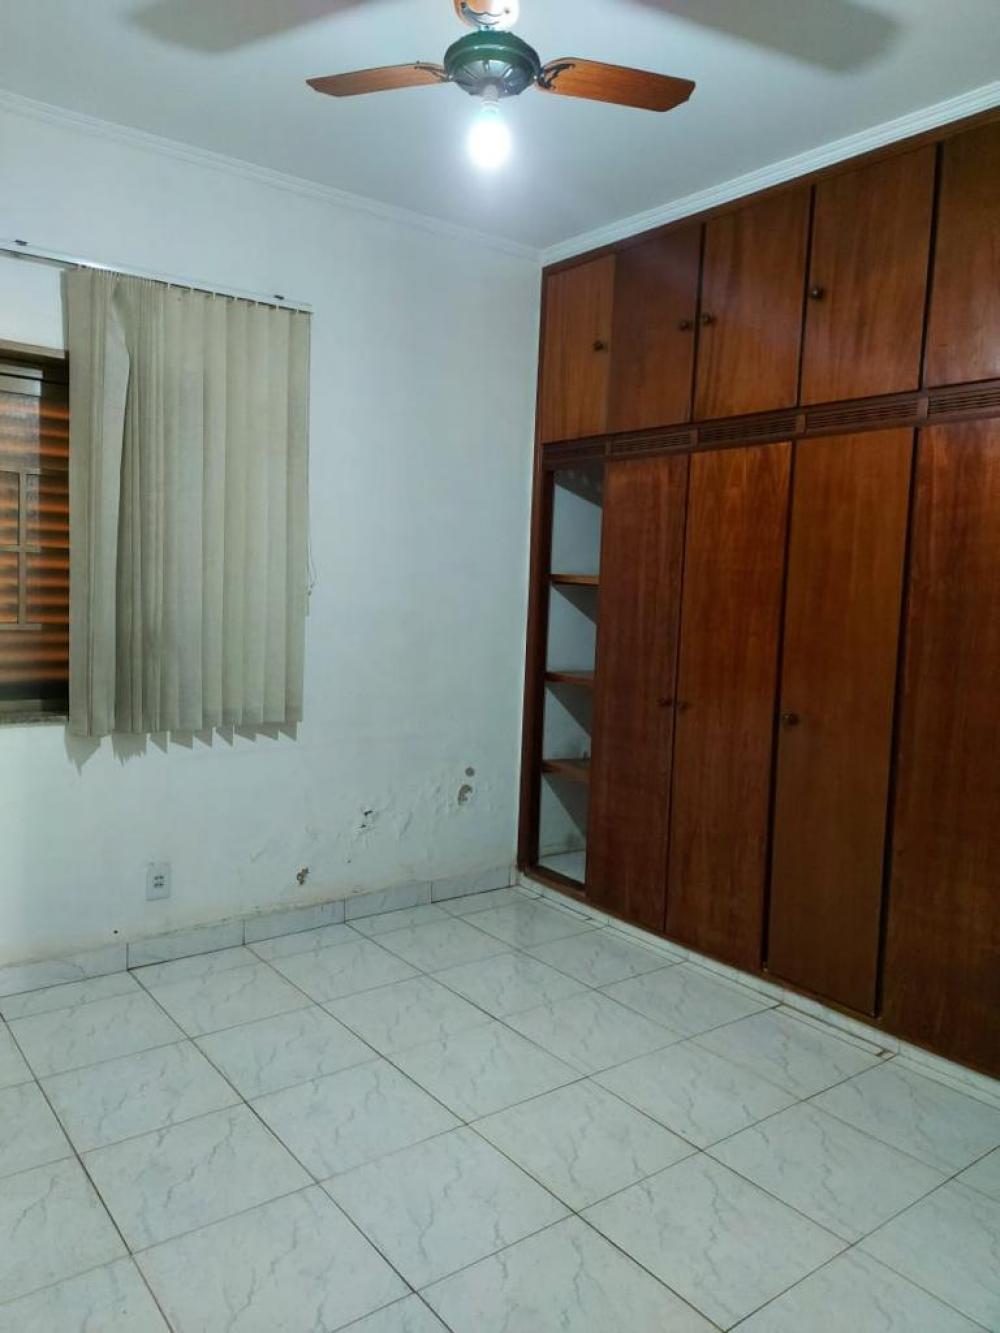 Alugar Comercial / Imóvel Comercial em Ribeirão Preto R$ 6.000,00 - Foto 7